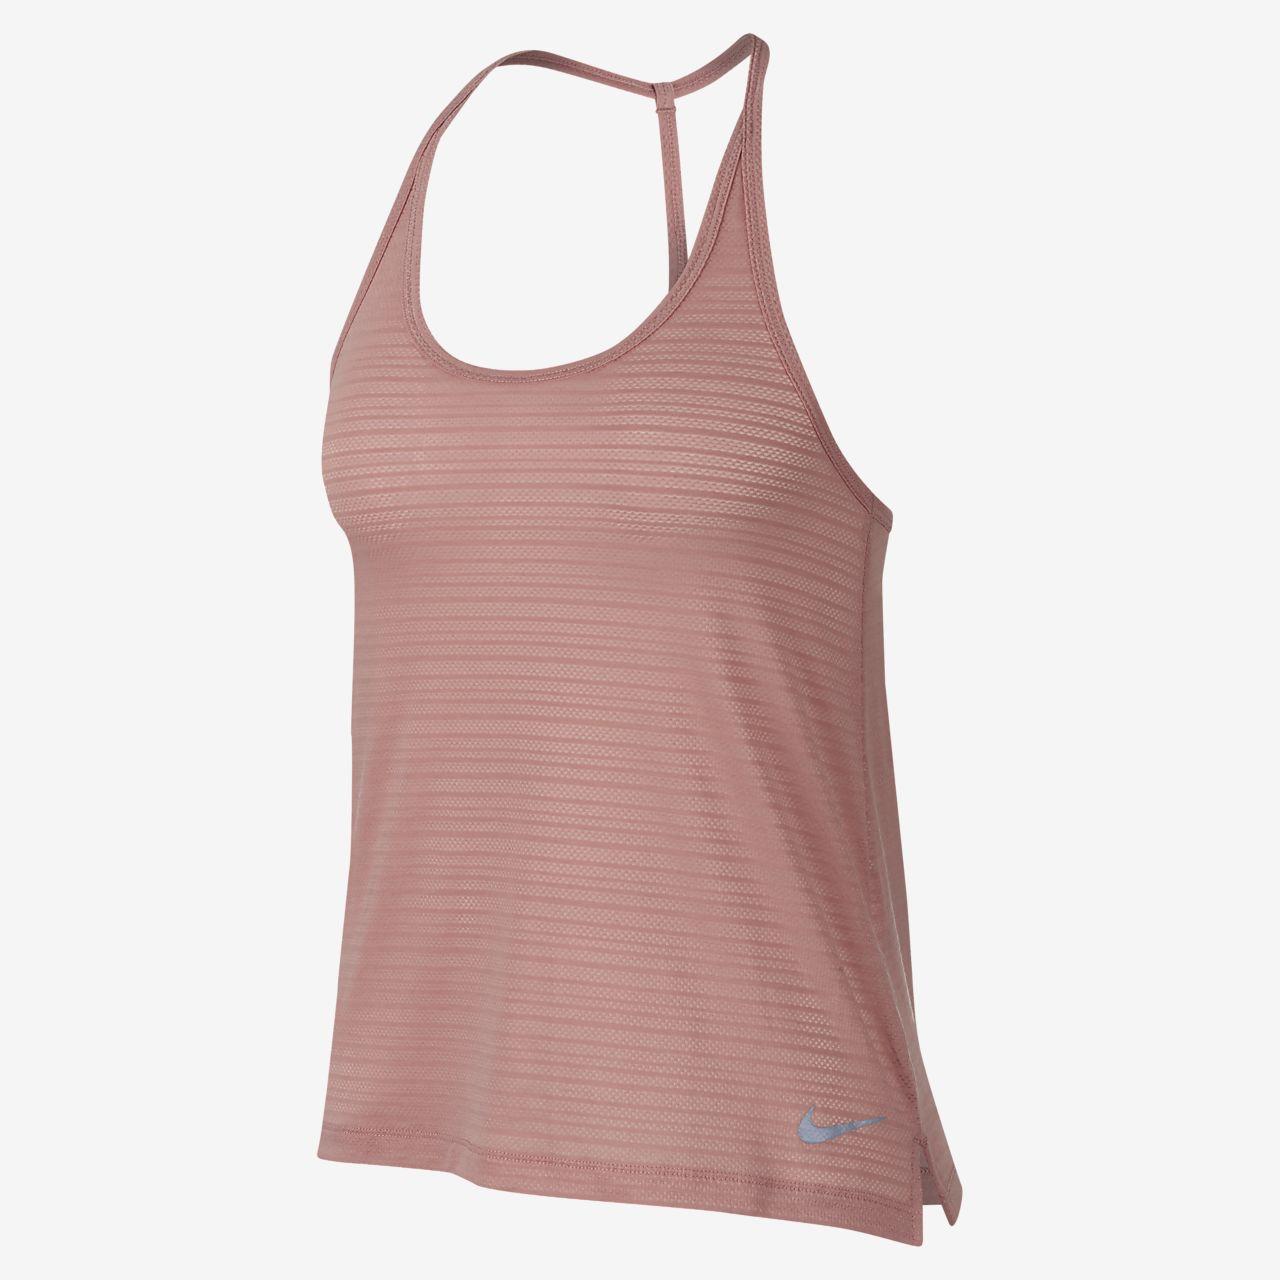 nike donna running canotta  Canotta da running Nike Miler - Donna.  IT